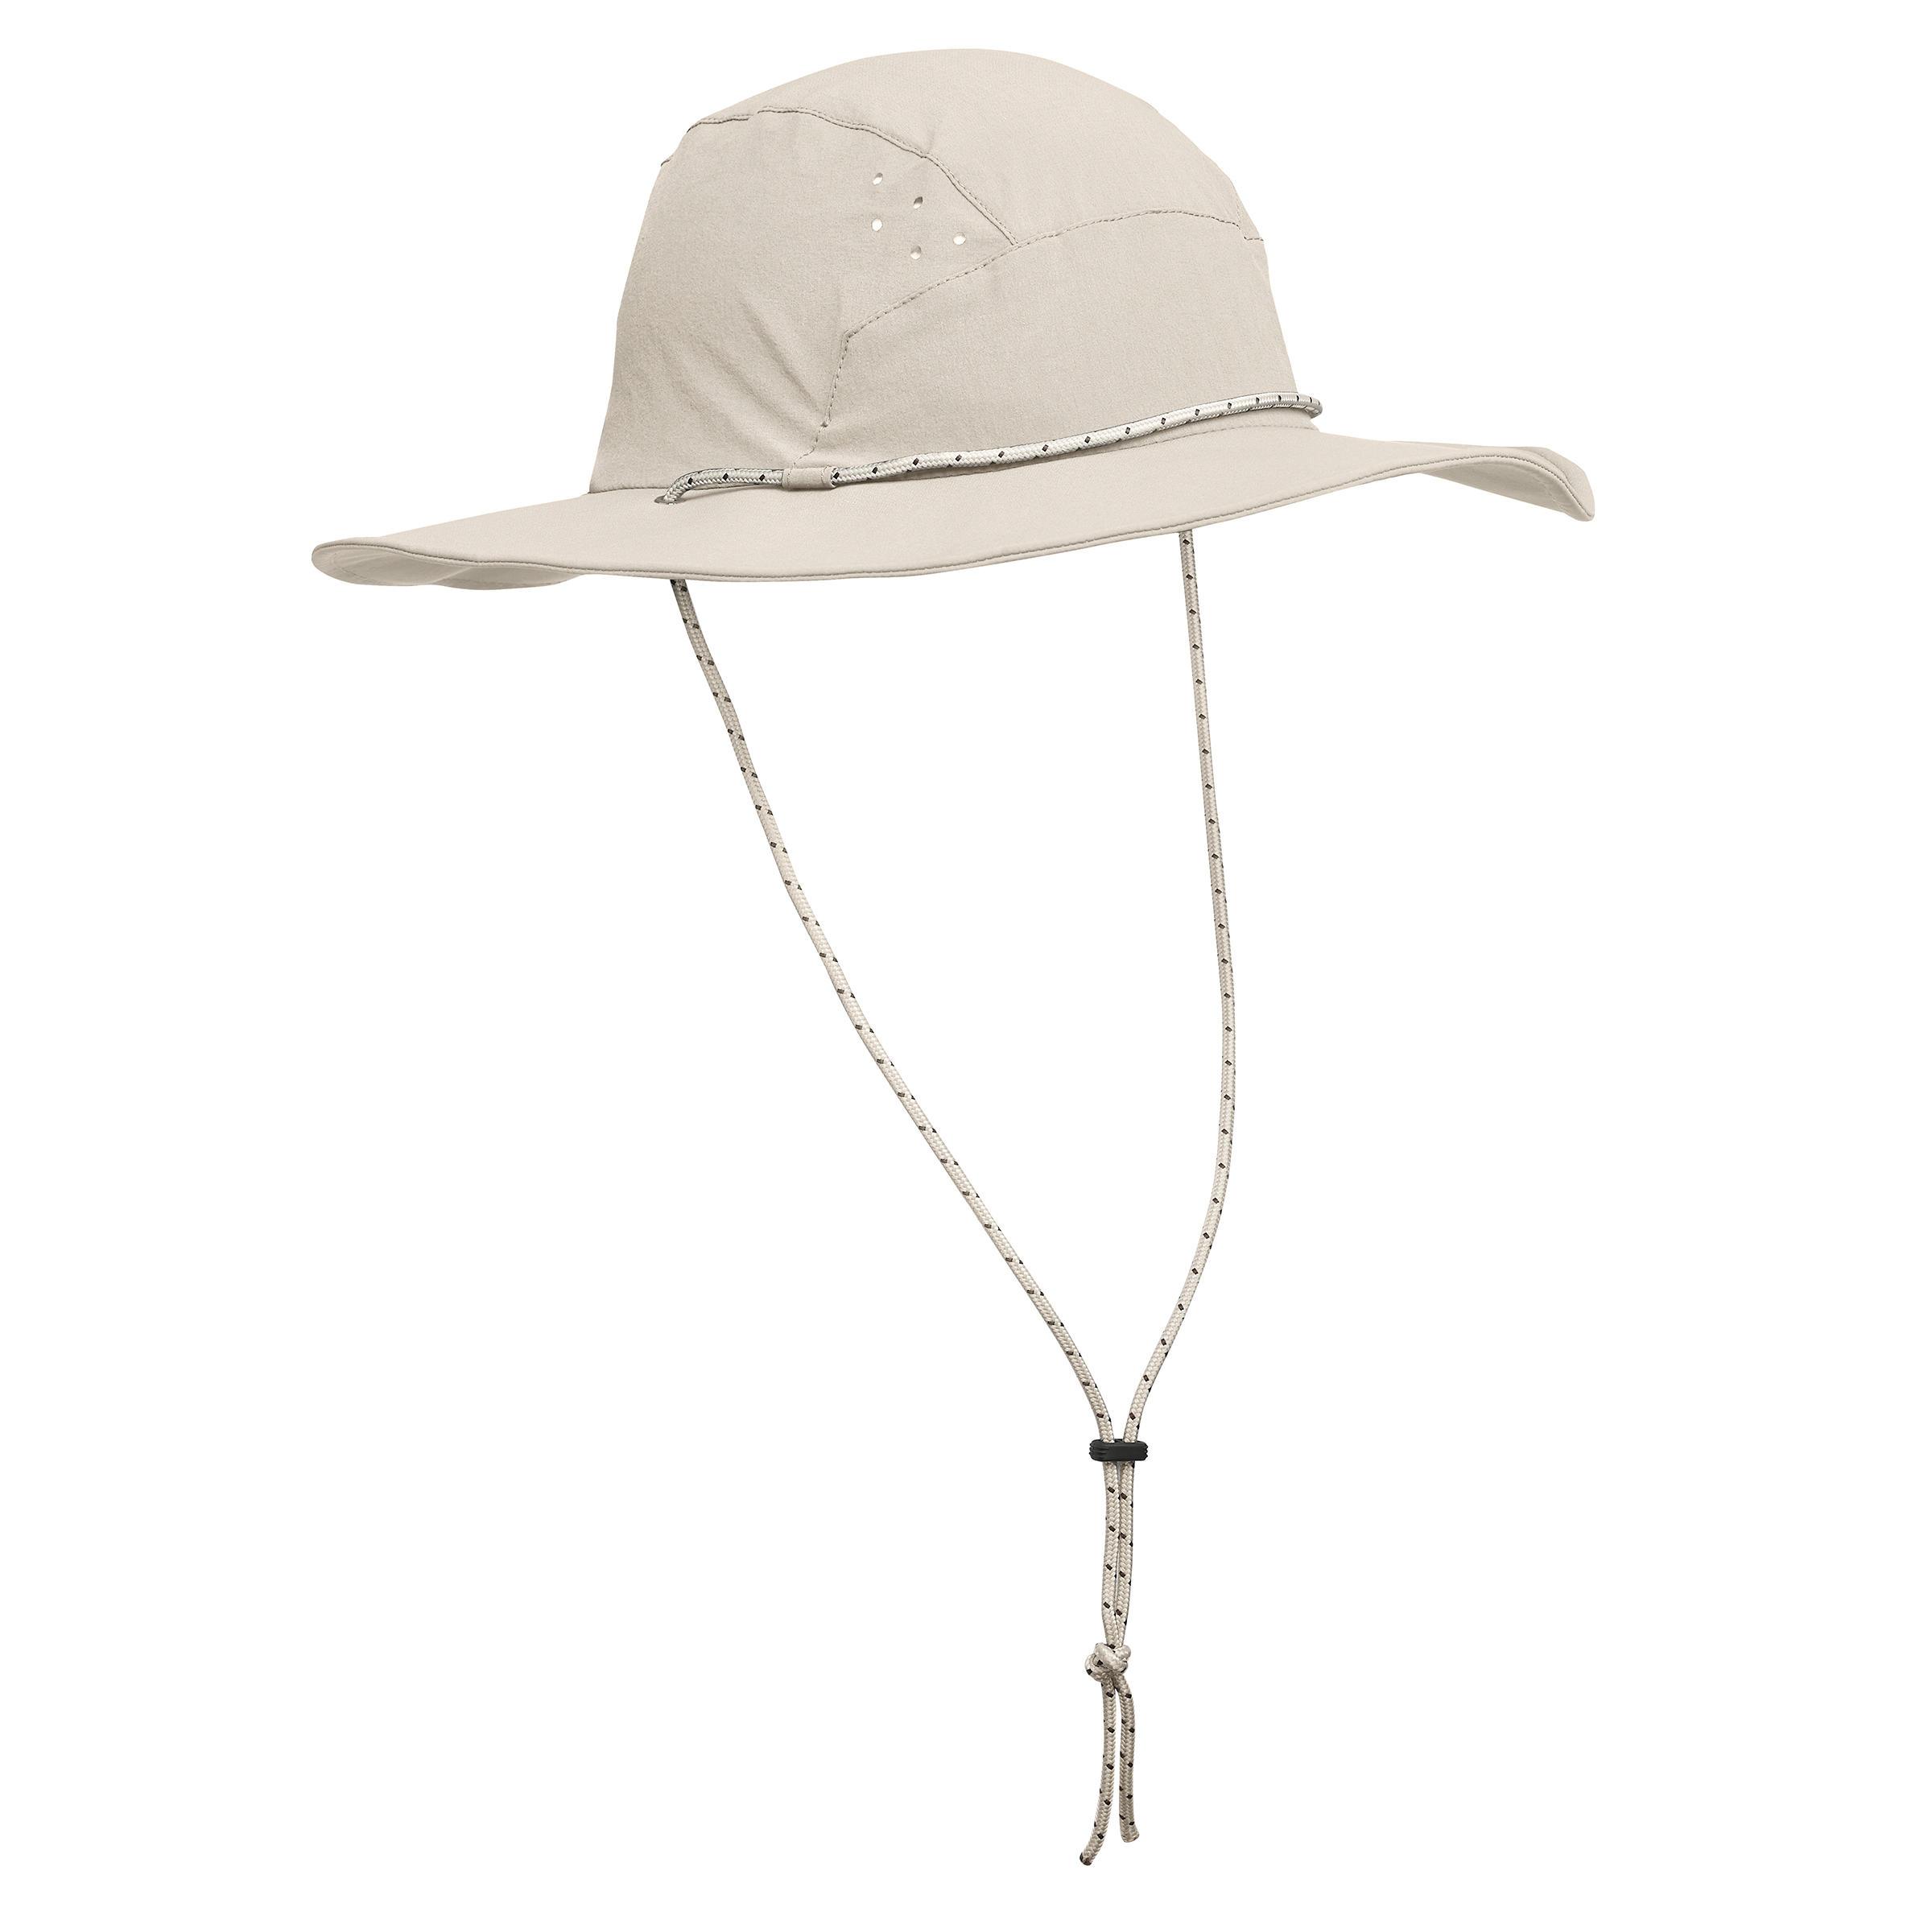 0922e2417cfa7 Comprar Sombreros para Deporte